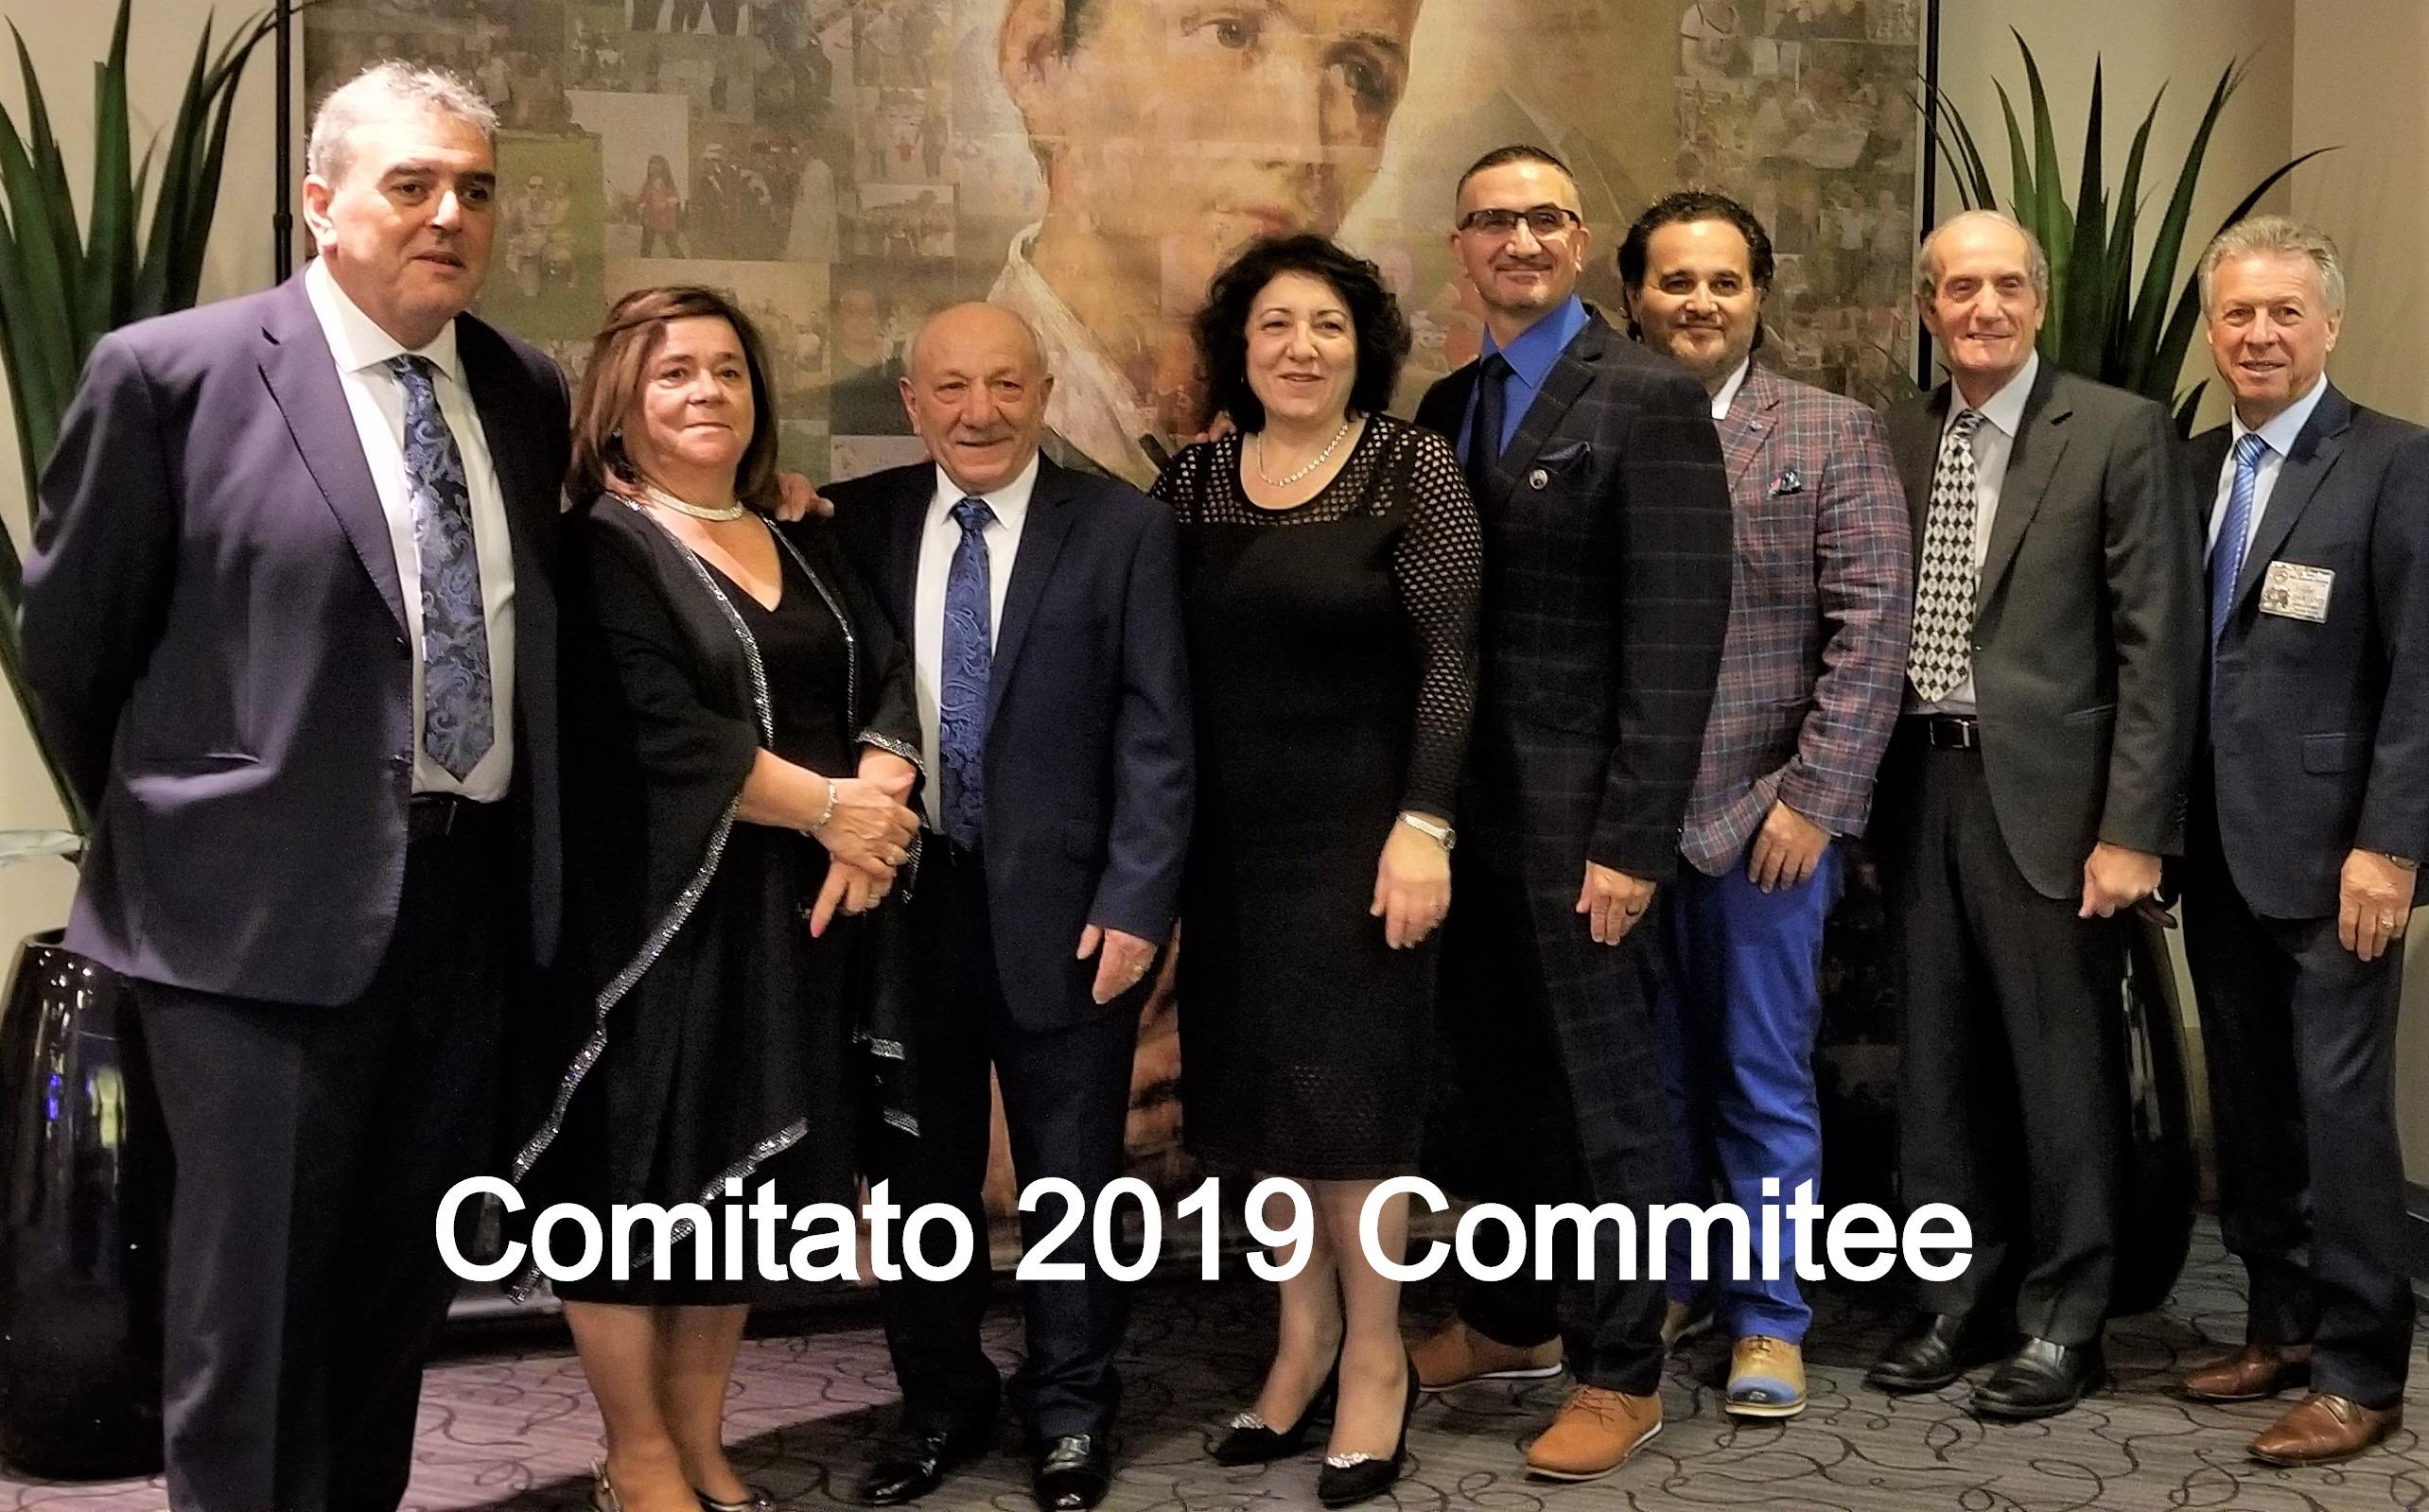 Comitato 2019 Committee